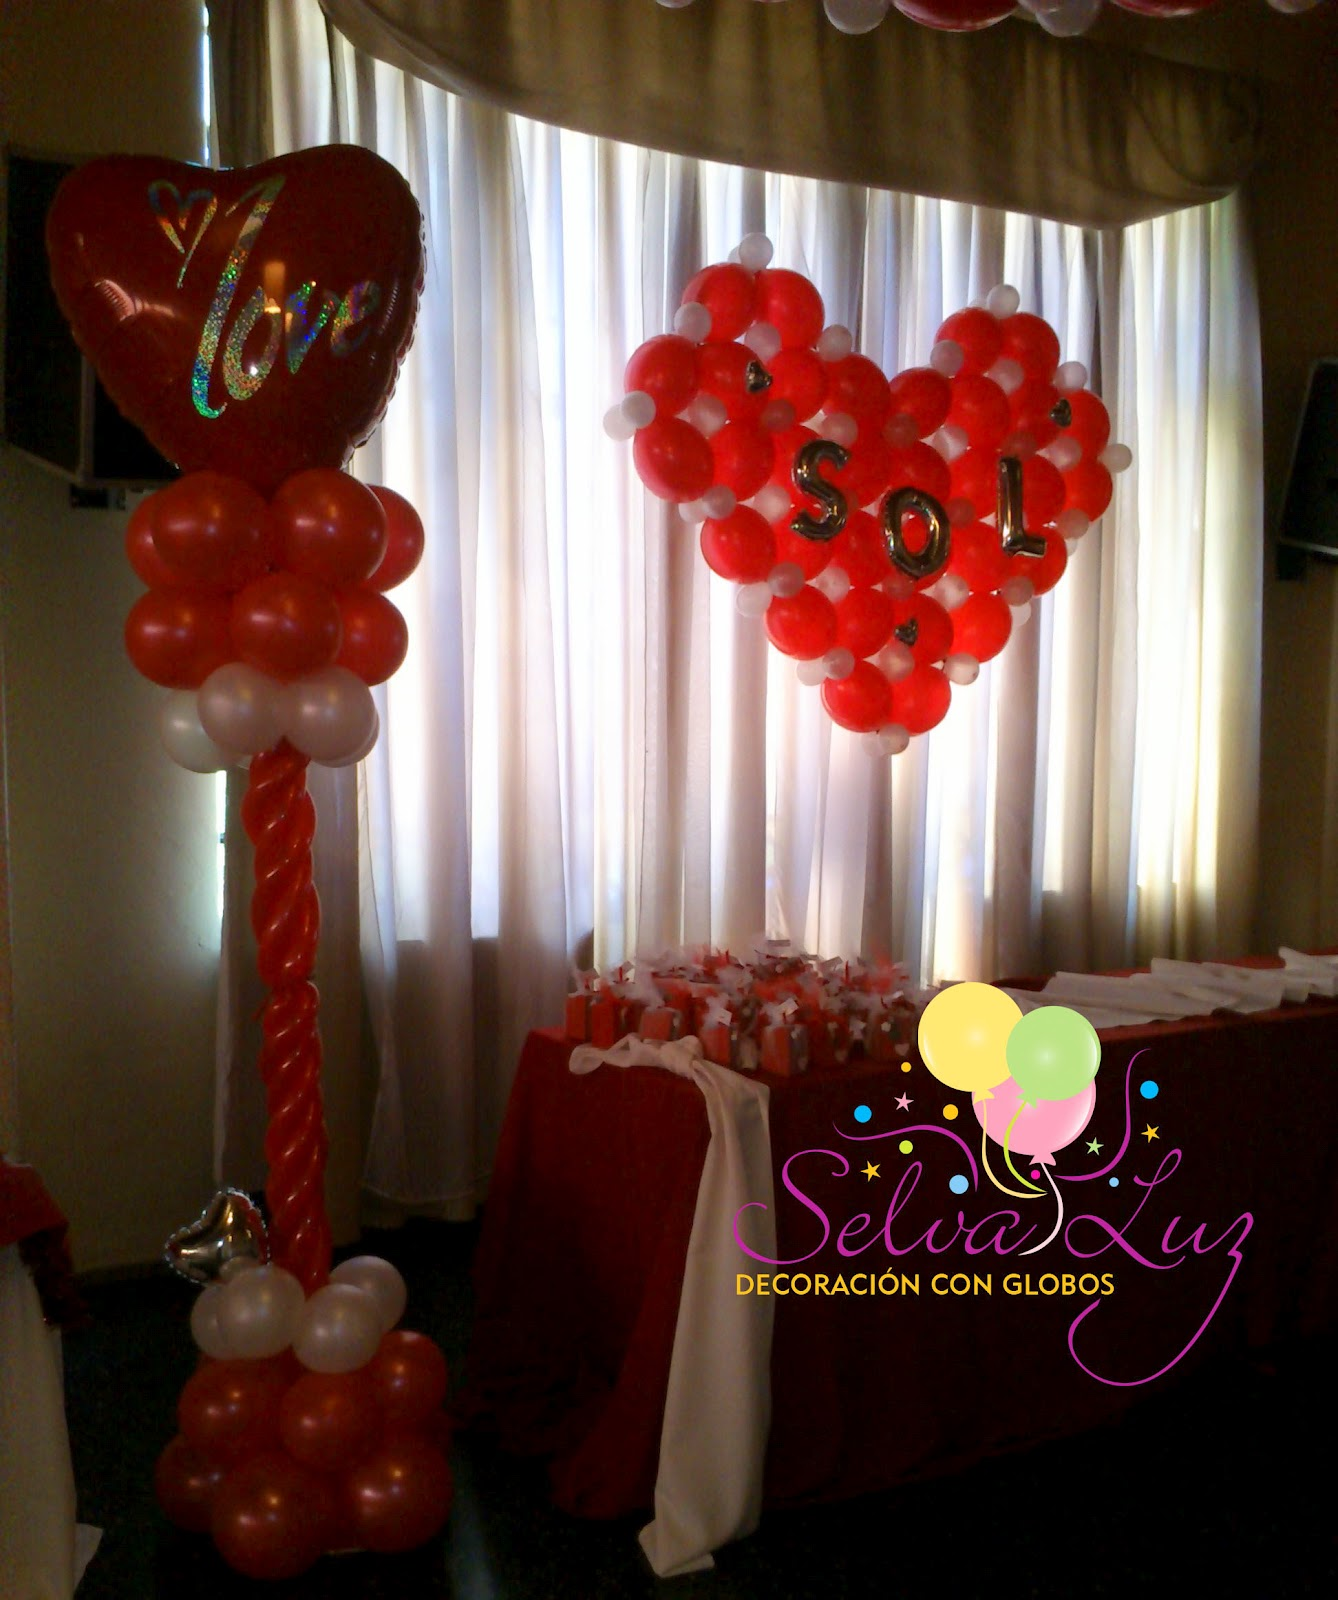 Selva luz decoraci n con globos buenos aires argentina for Decoracion con globos 50 anos